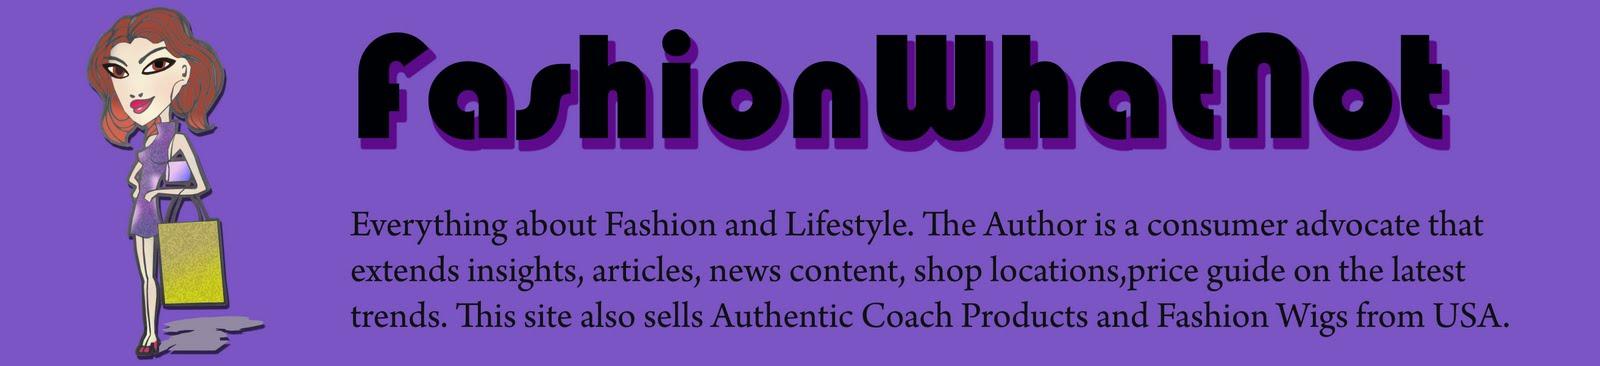 fashionwhatnot